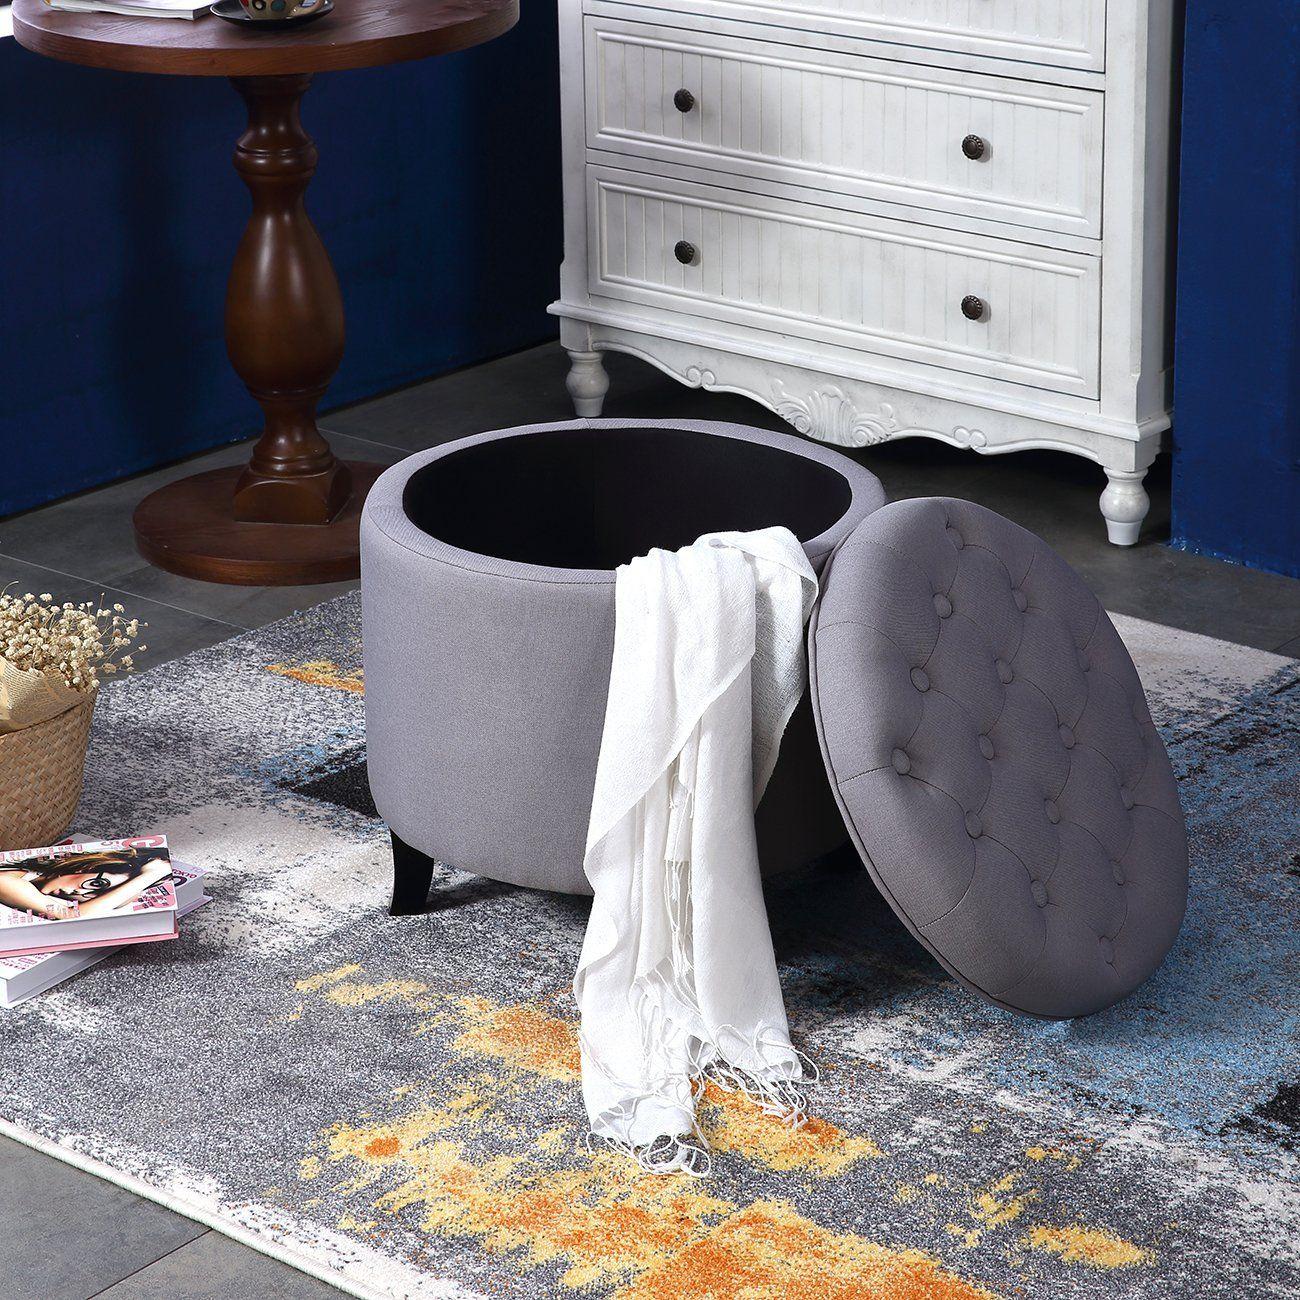 Tremendous Belleze Nailhead Round Tufted Storage Ottoman Large Footrest Uwap Interior Chair Design Uwaporg